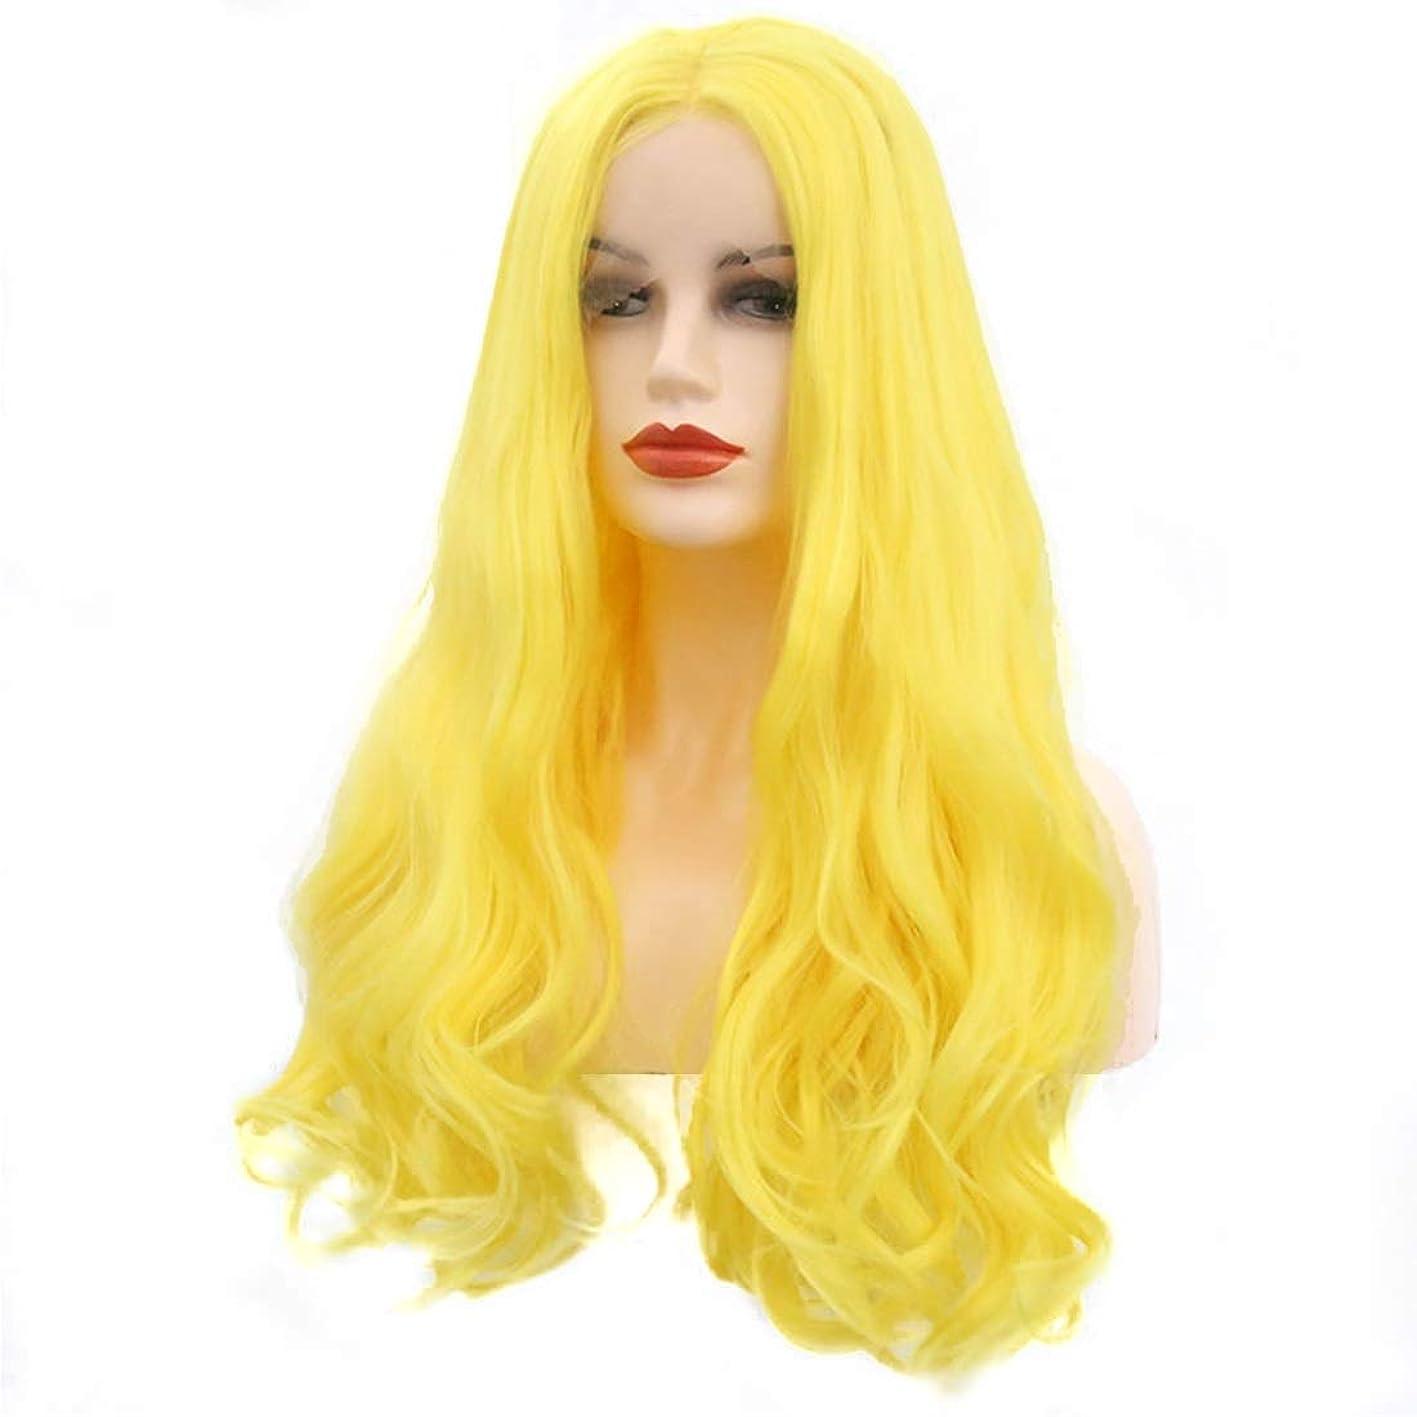 住所年相互接続YESONEEP 女性の長い巻き毛のフロントレースの人工毛耐熱ウィッグコスプレ仮装かつら合成の髪レースかつらロールプレイングかつら (サイズ : 16 inches)